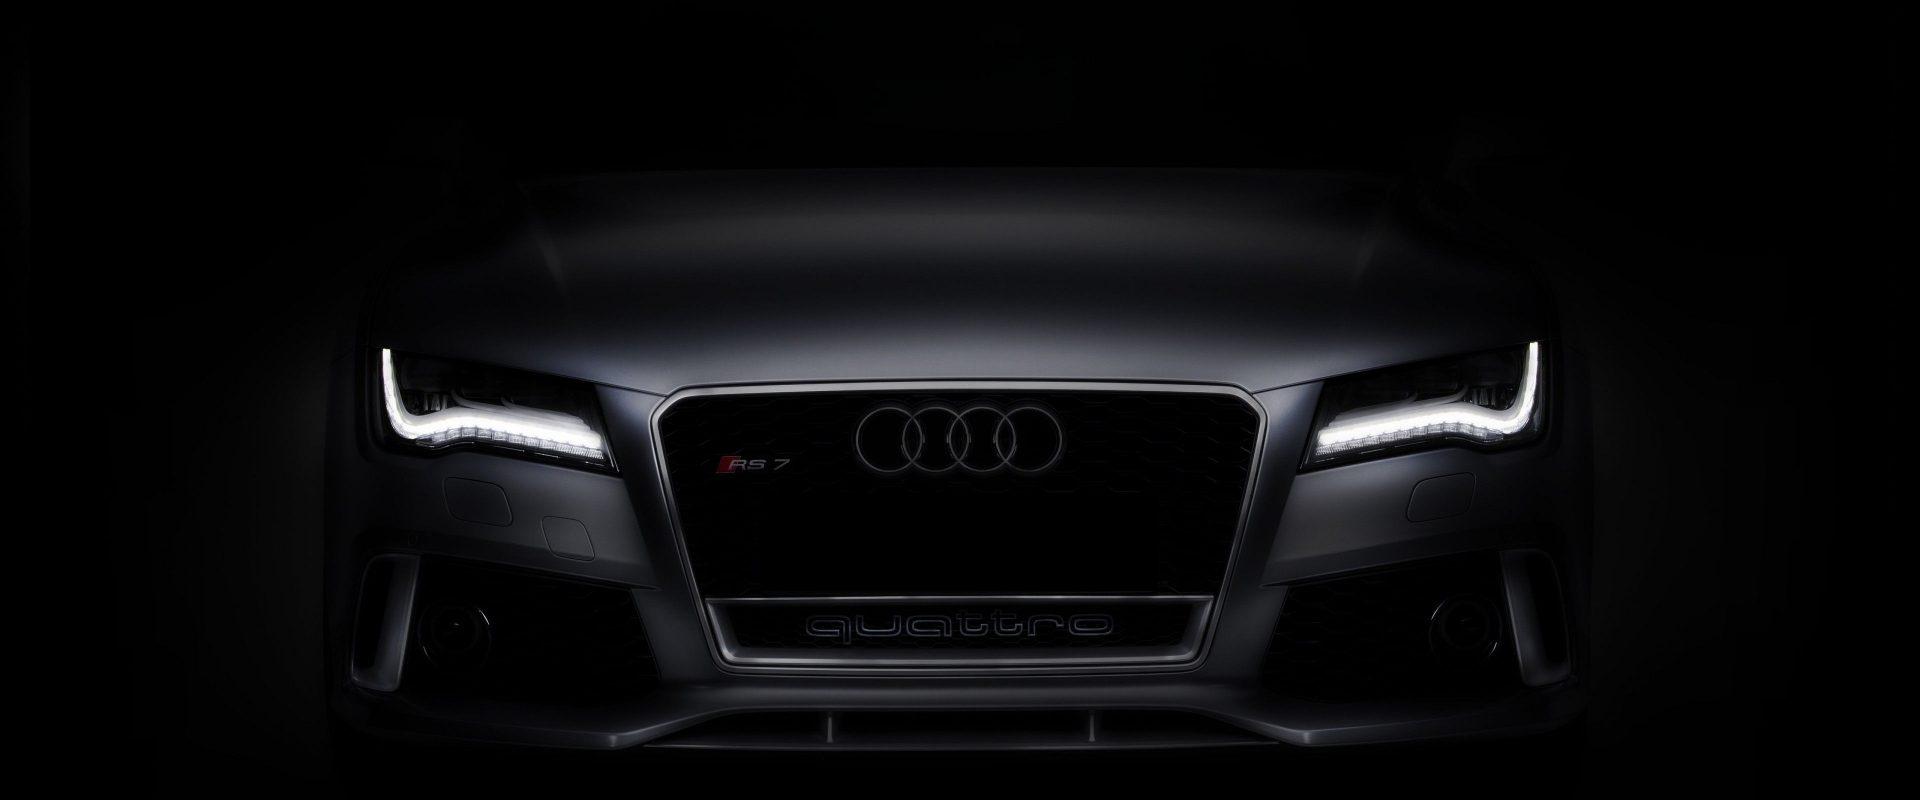 Quais são os 3 carros mais rápidos já produzidos pela Audi?